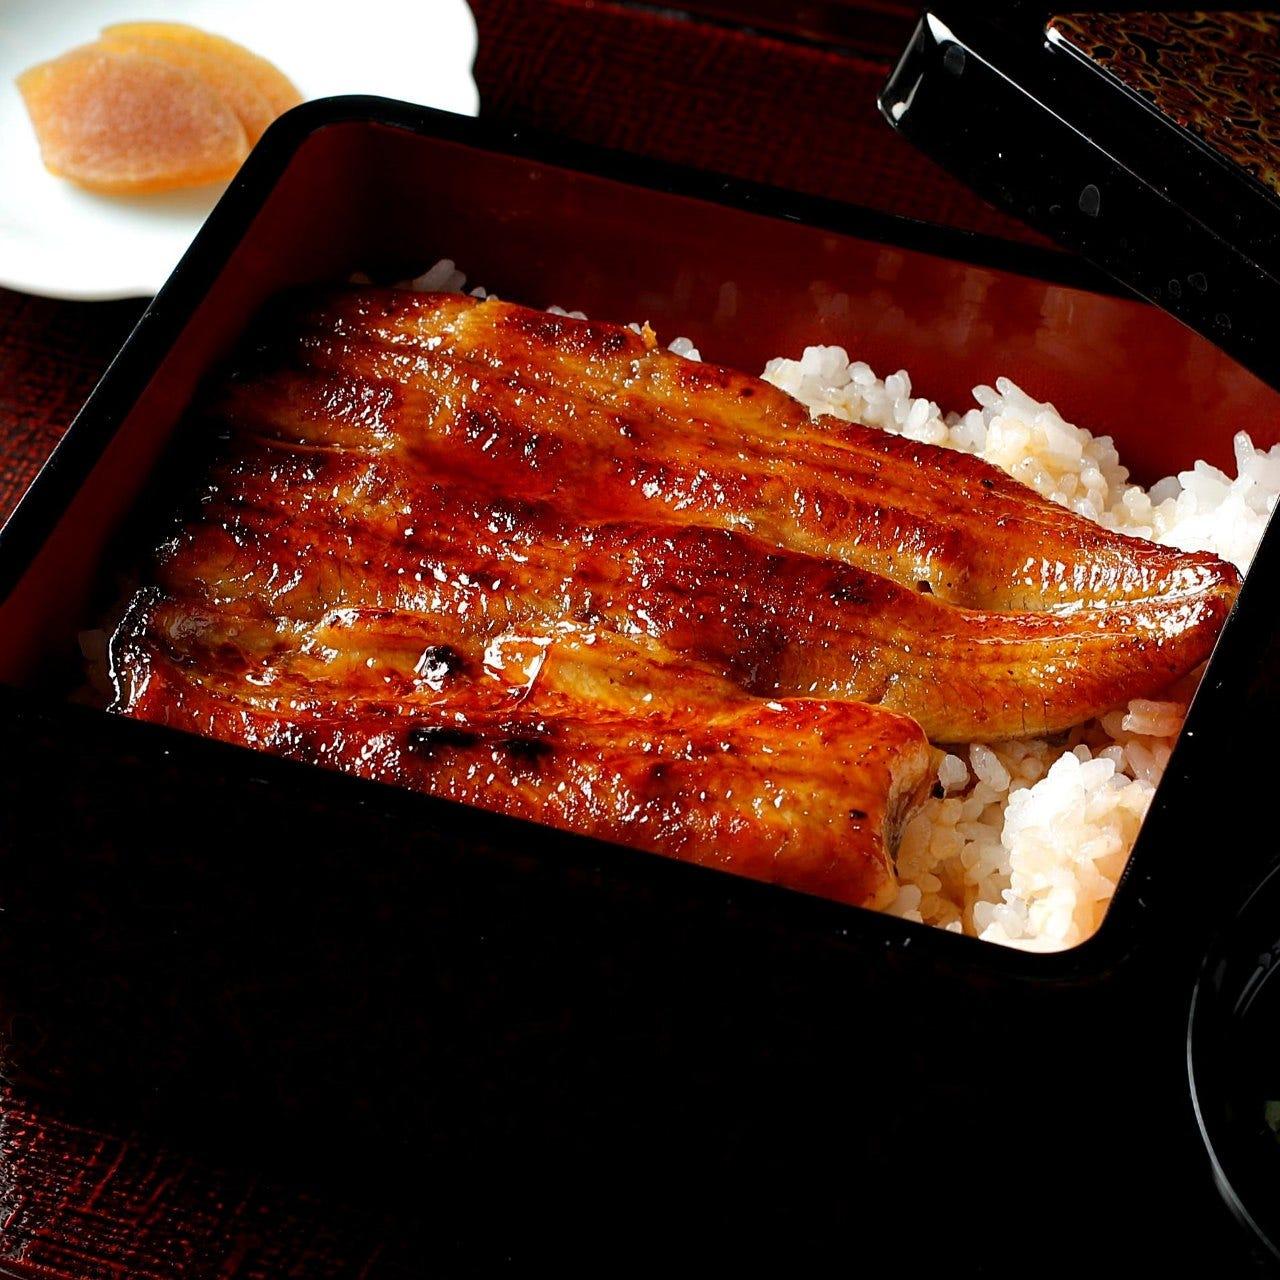 愛知県三河一色産うなぎ。国産鰻にこだわり専門問屋から仕入れ